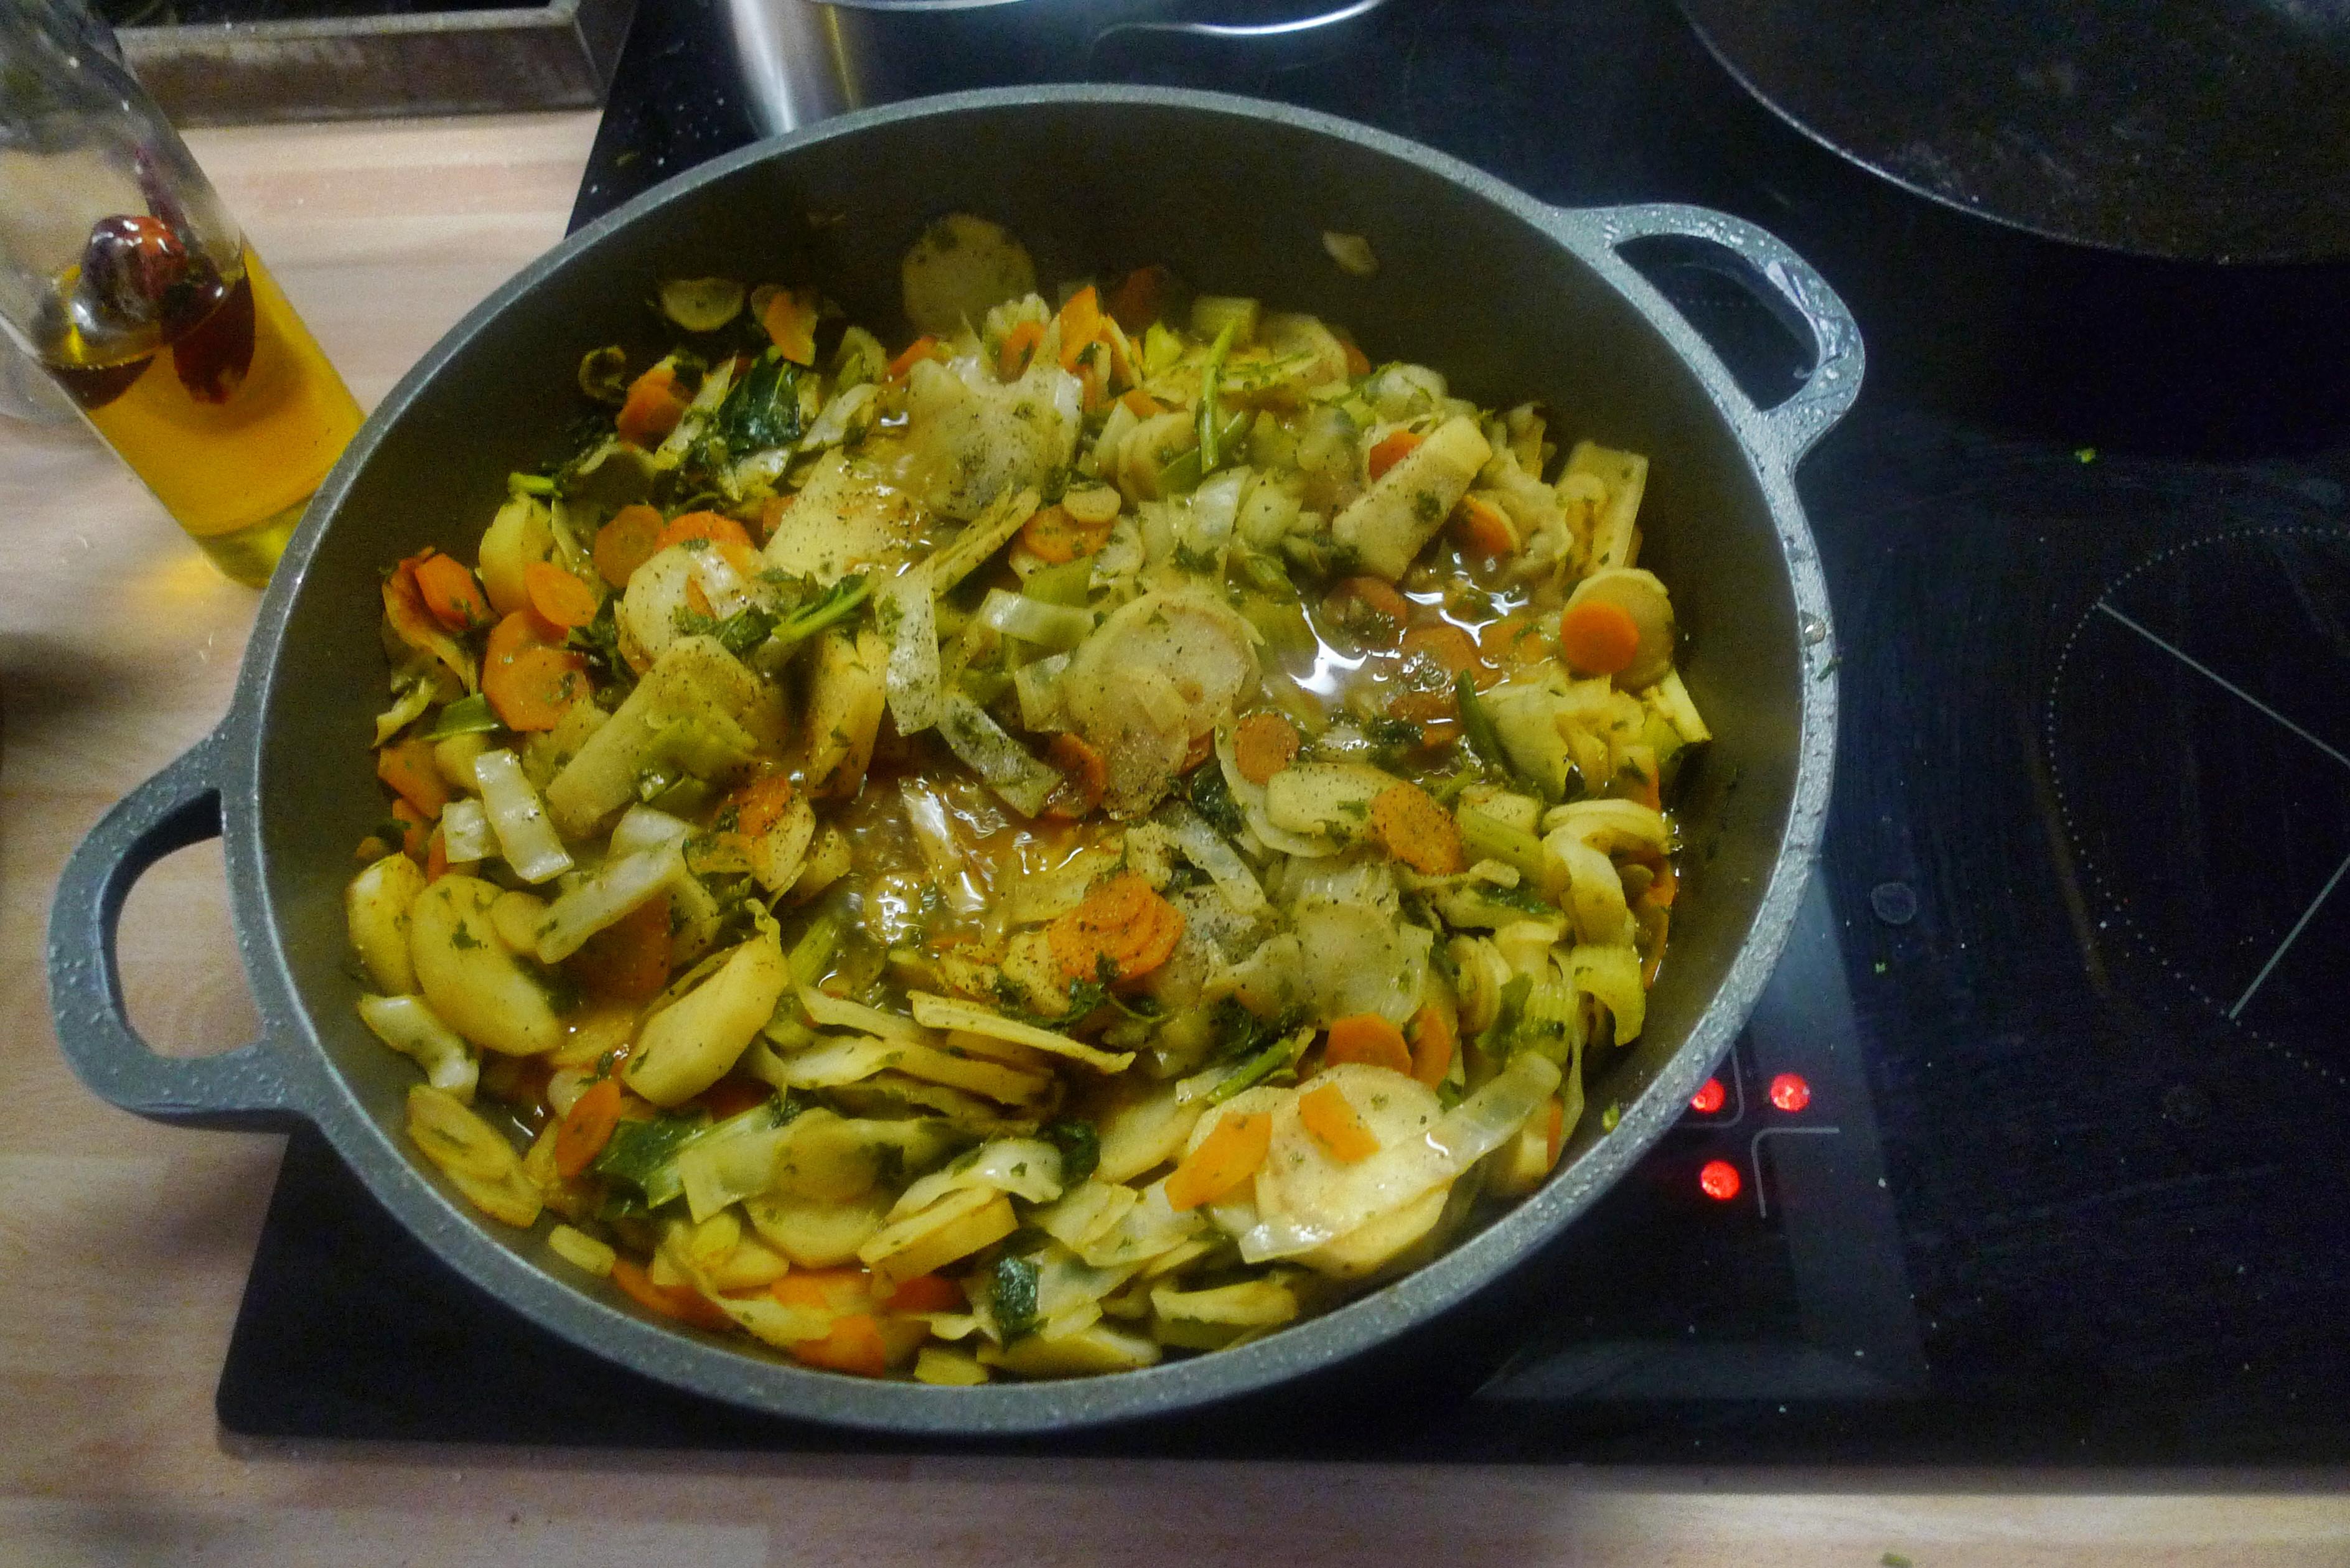 Gemüsepfanne-Reis-Champignon - 13.10.14   (10)